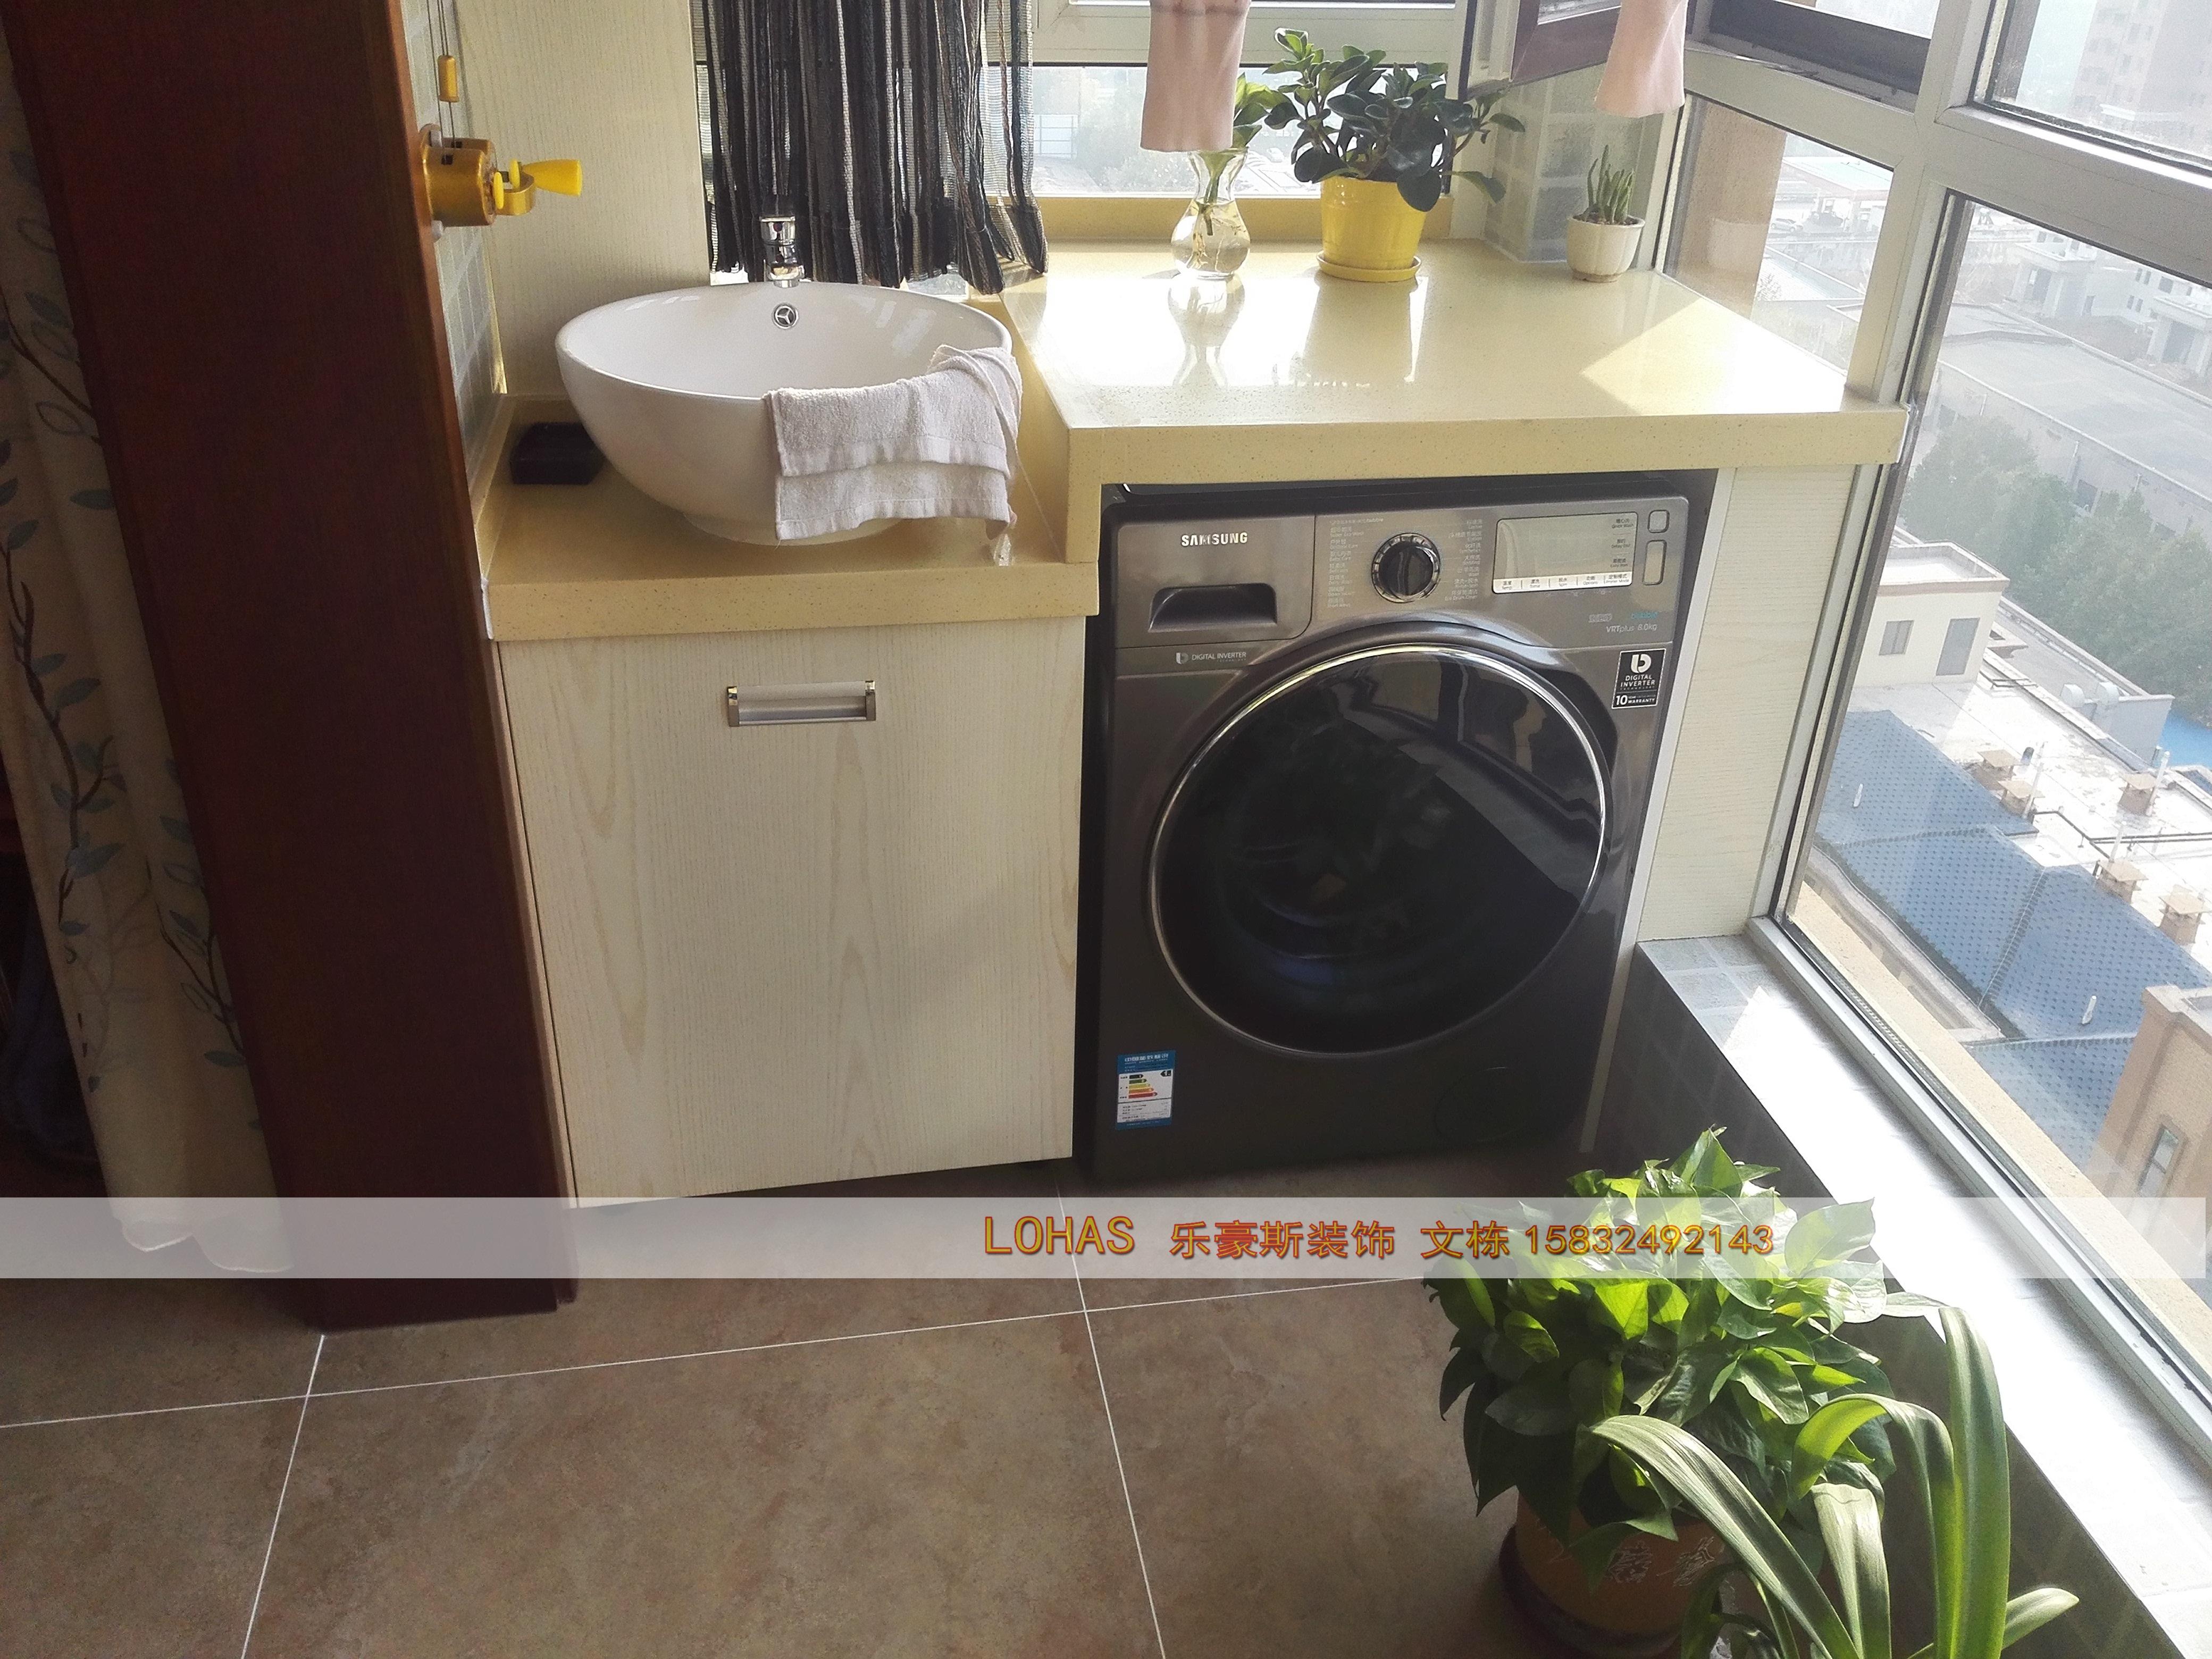 嵌入式的洗衣机图片